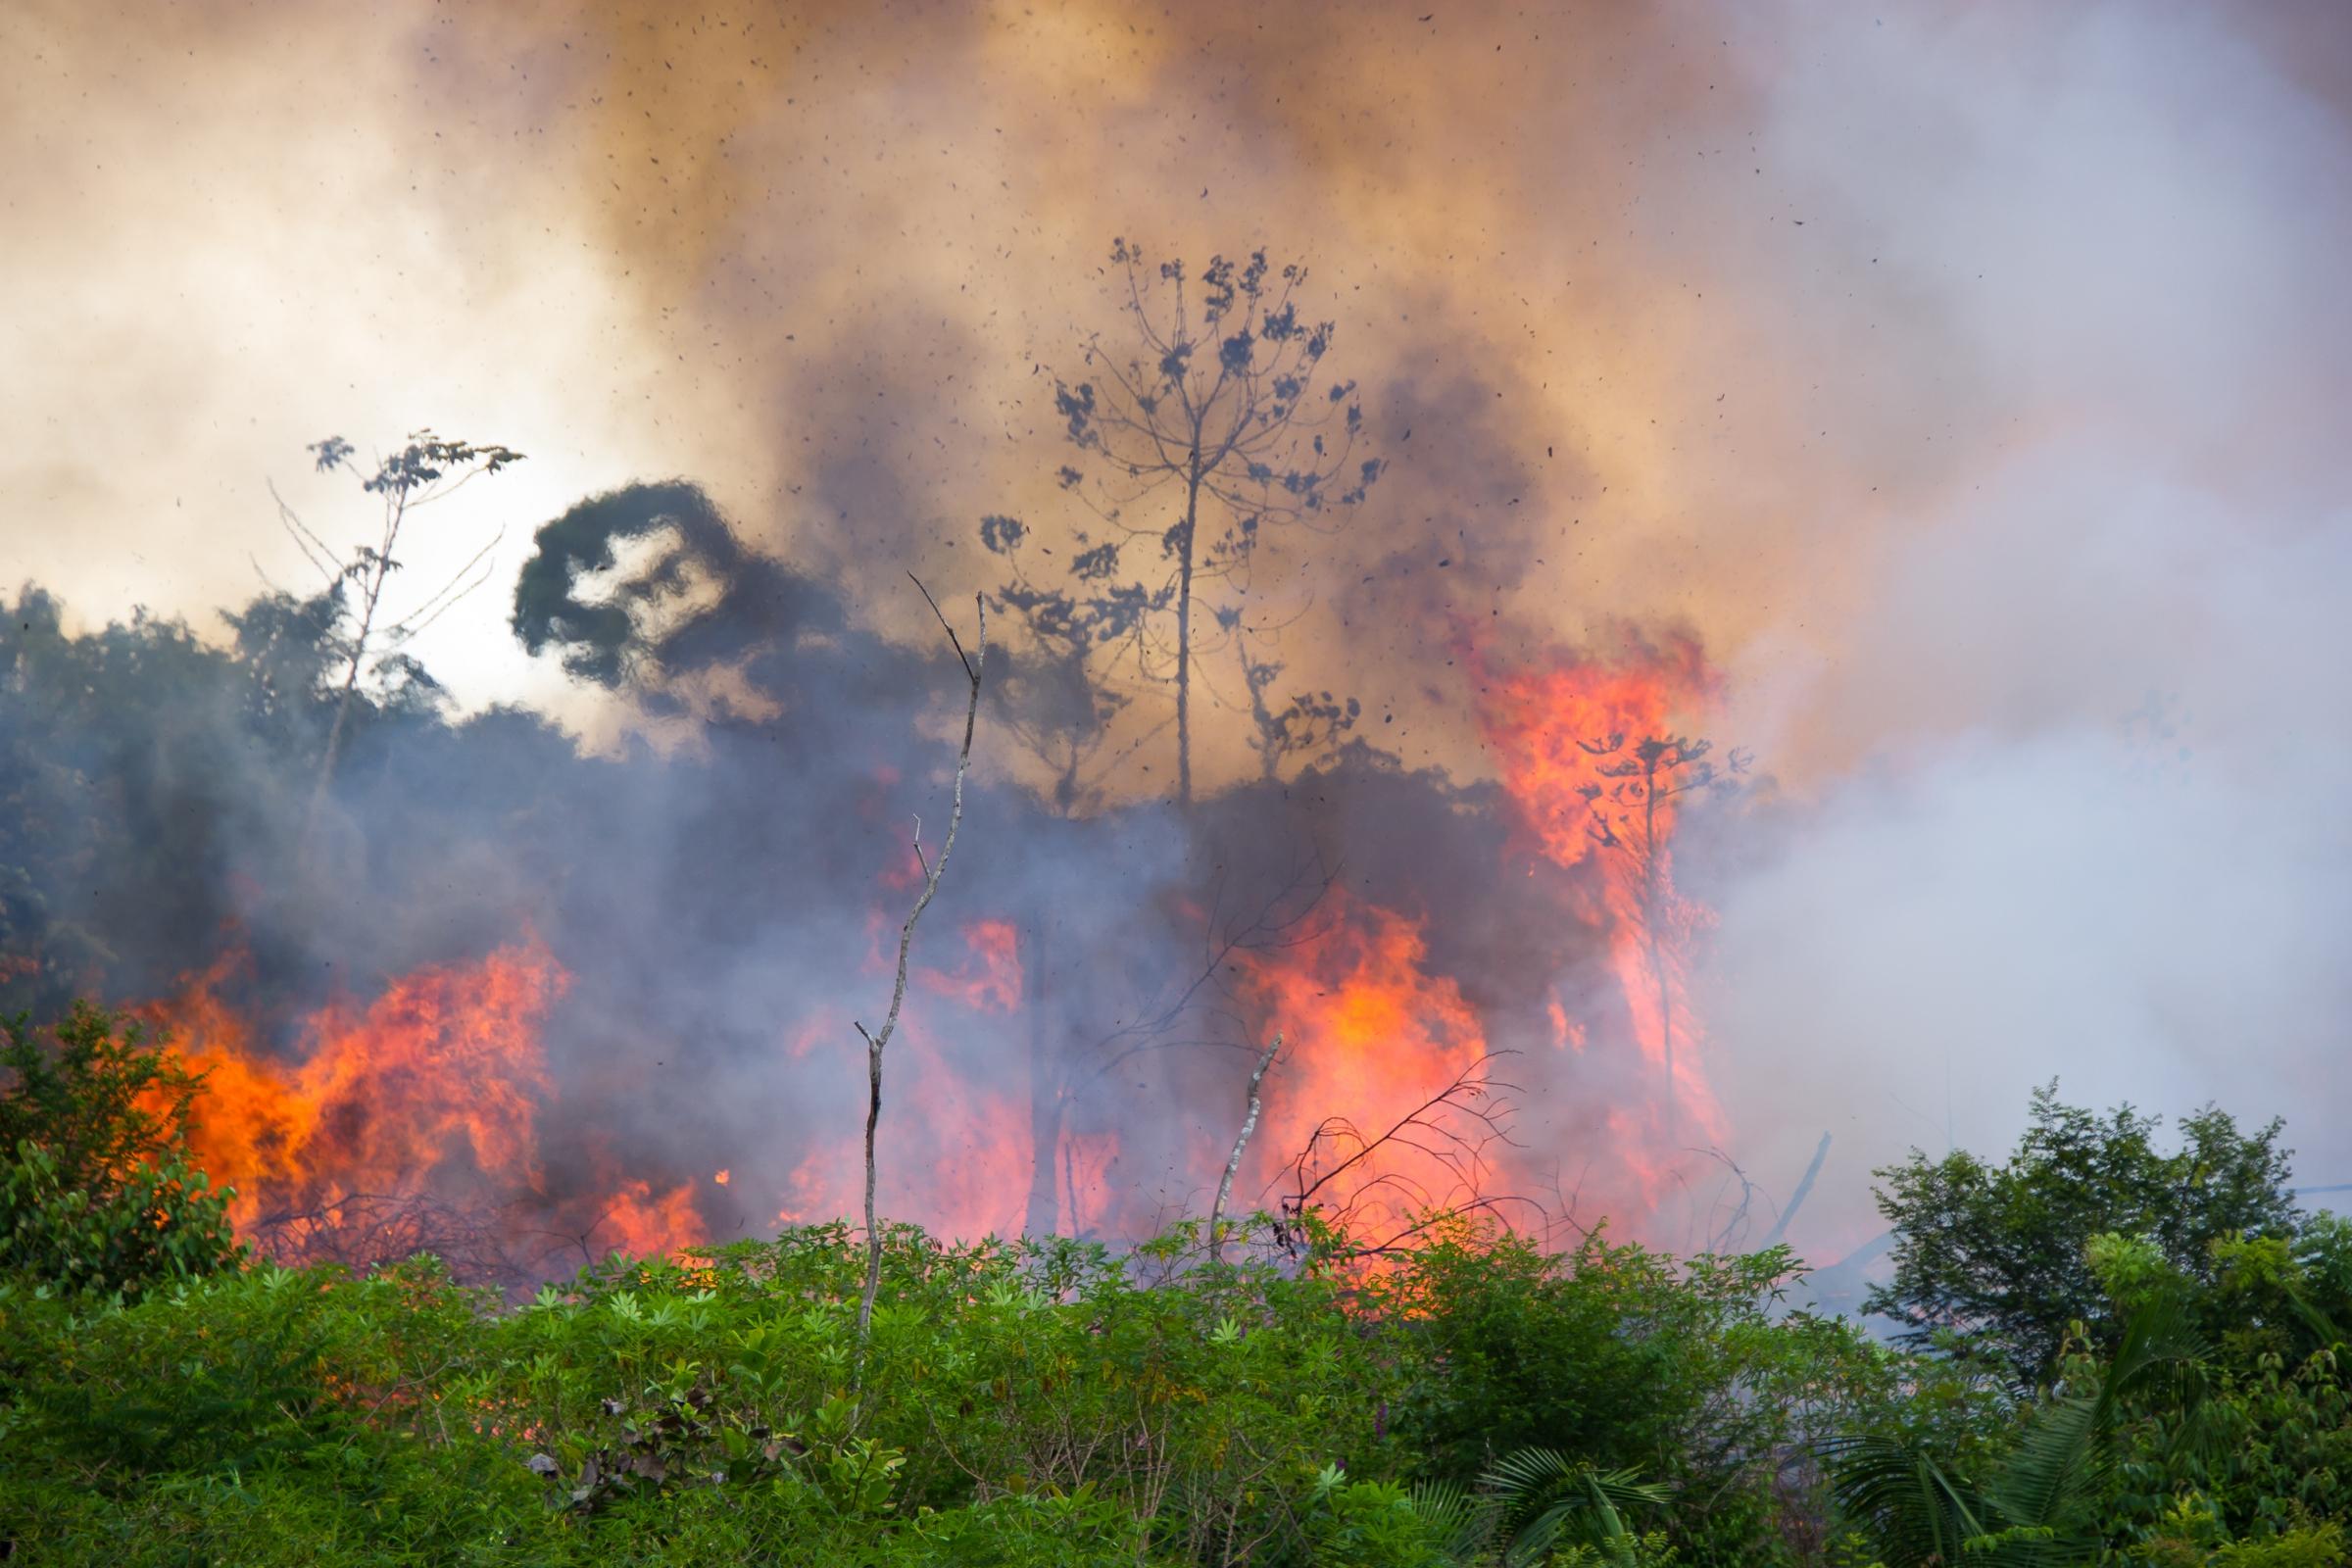 שריפה ביער האמזונס בברזיל, שאטרסטוק